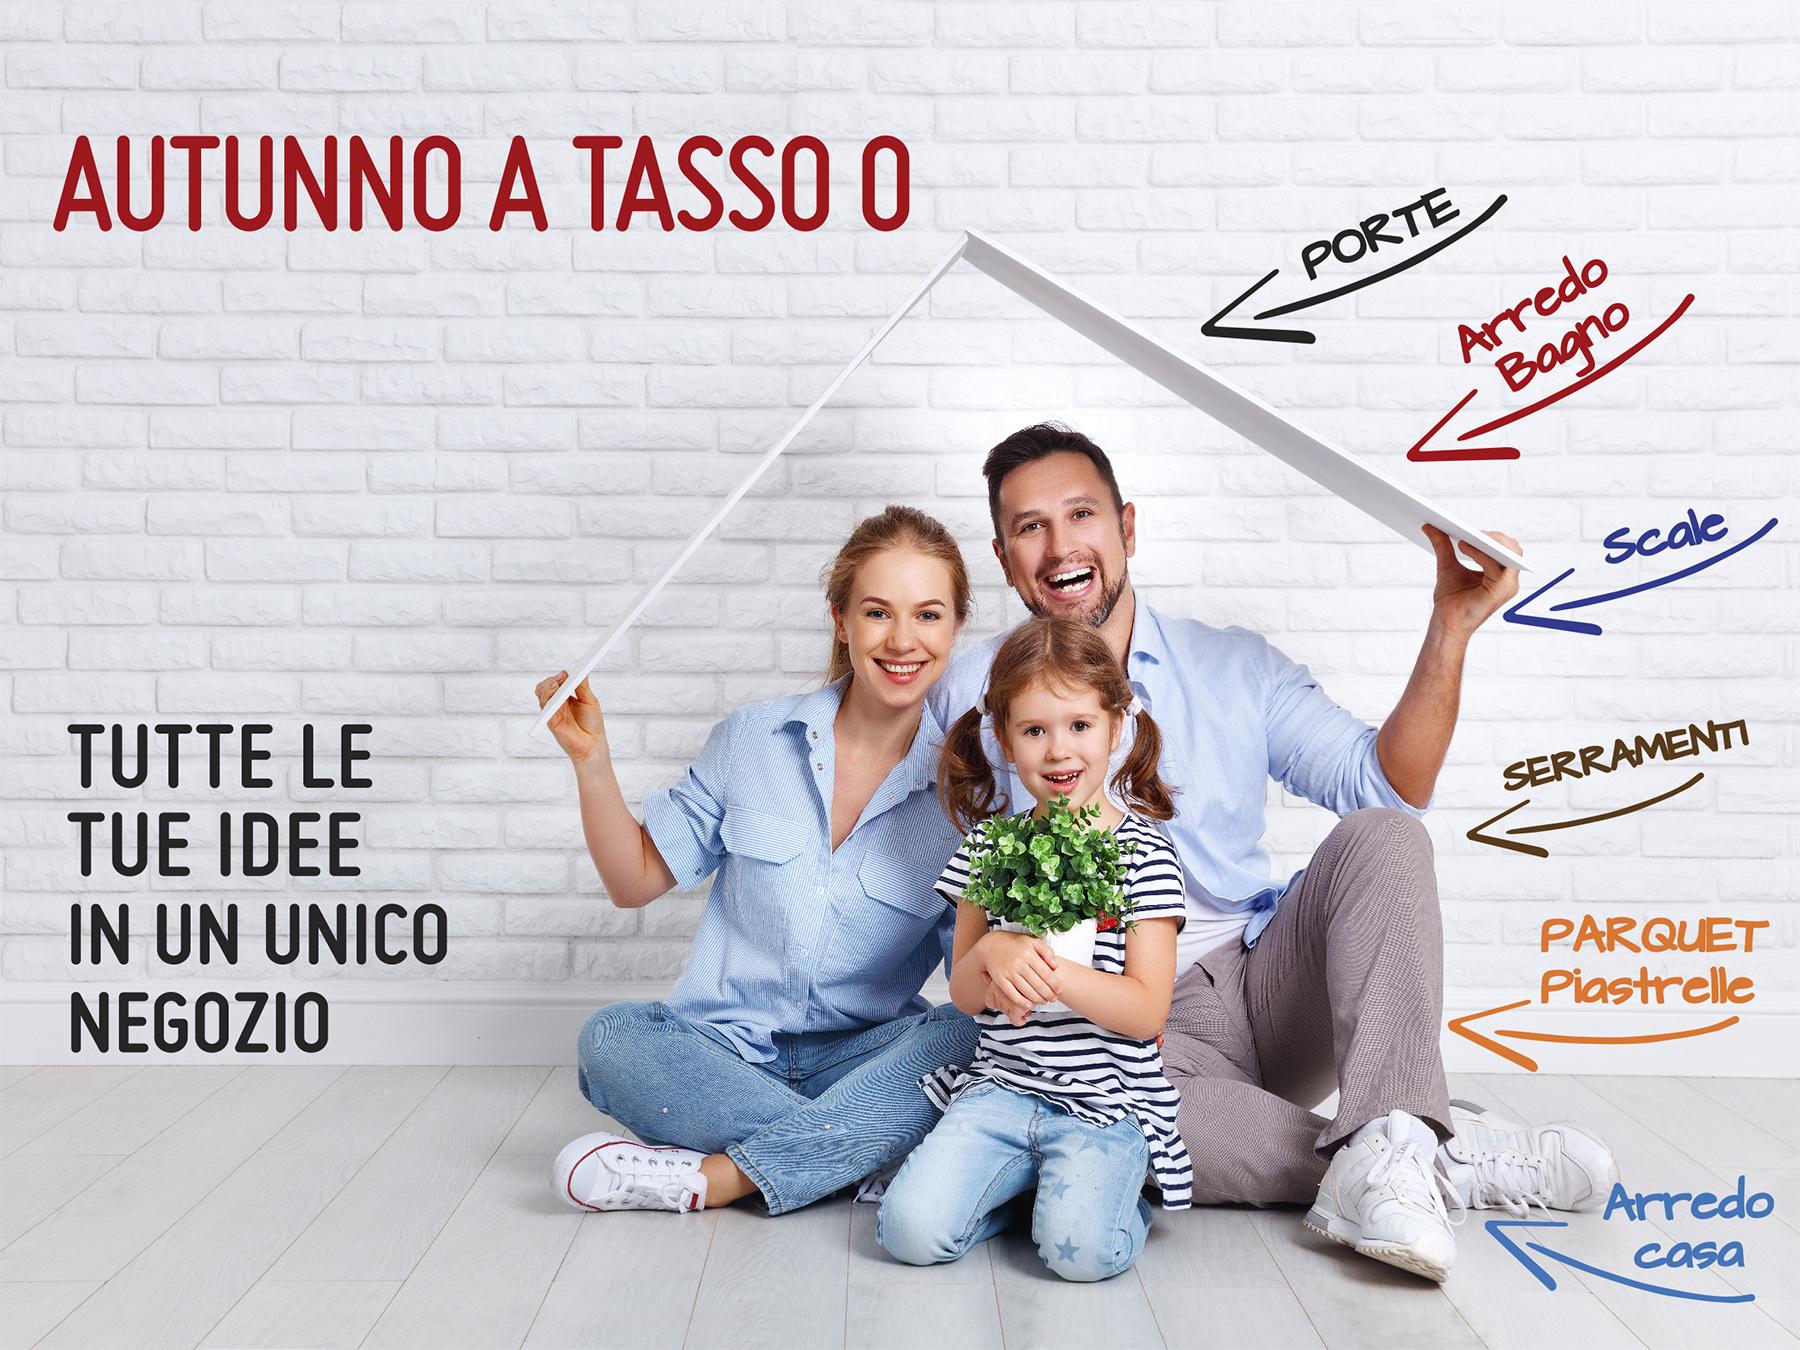 centro dell'arredamento ligure ottobre novità maggiore offerta nuovi reparti tasso 0